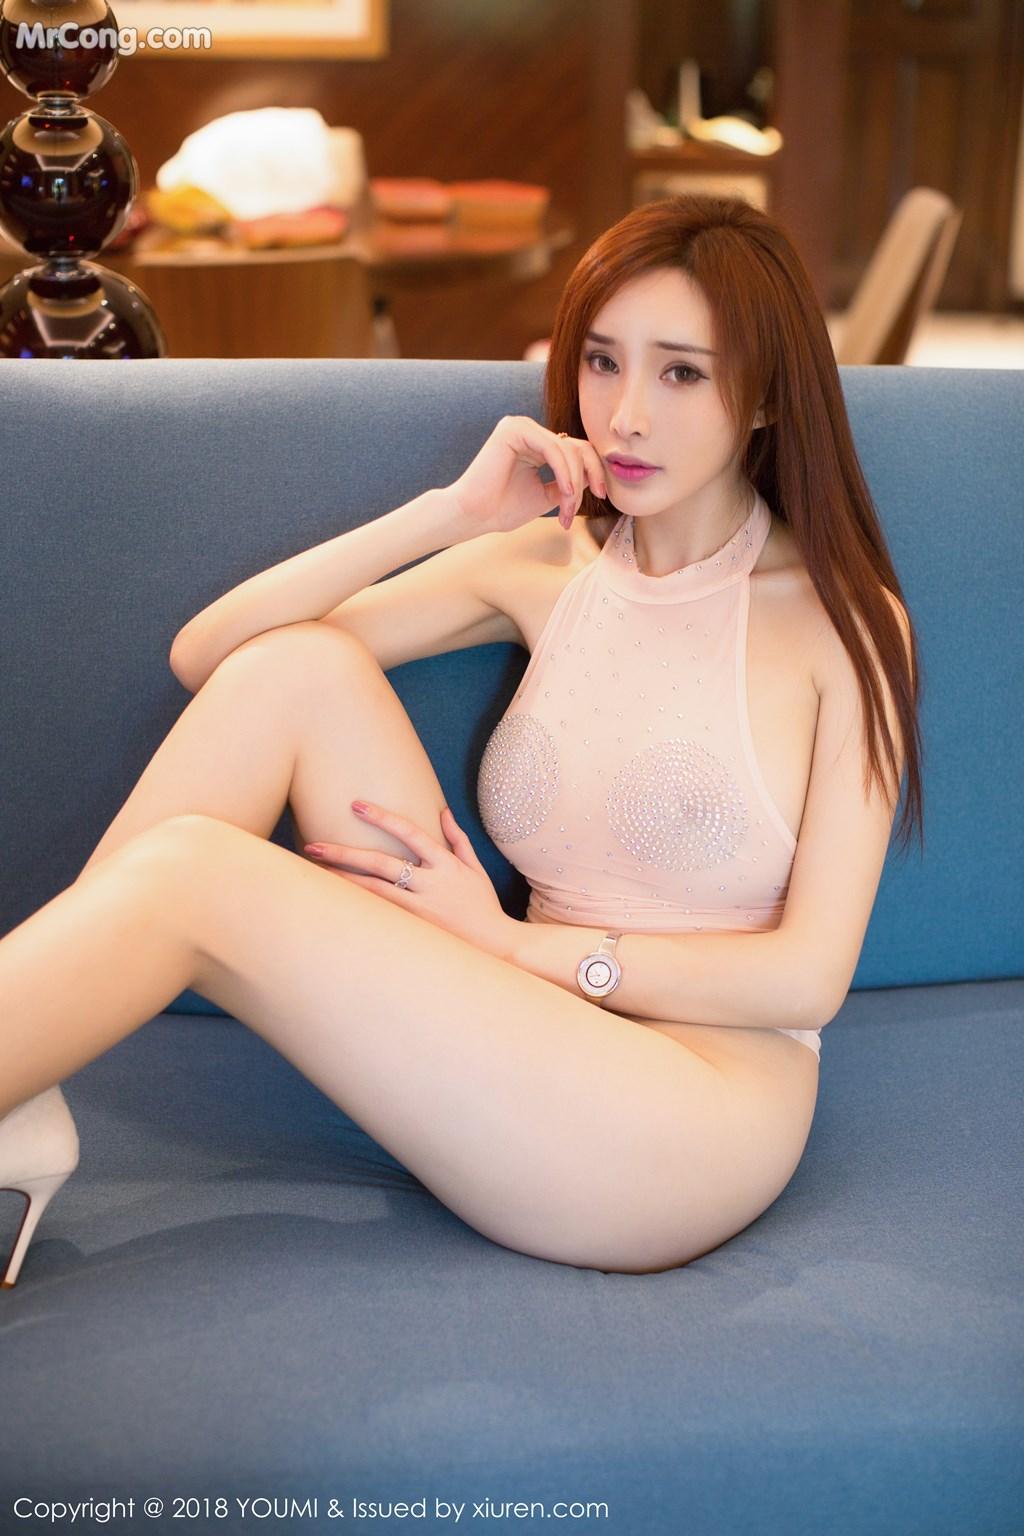 Image YouMi-Vol.112-Tu-Fei-Yuan-Ai-Cuo-Qiong-MrCong.com-006 in post YouMi Vol.112: Người mẫu 土肥圆矮挫穷 (51 ảnh)